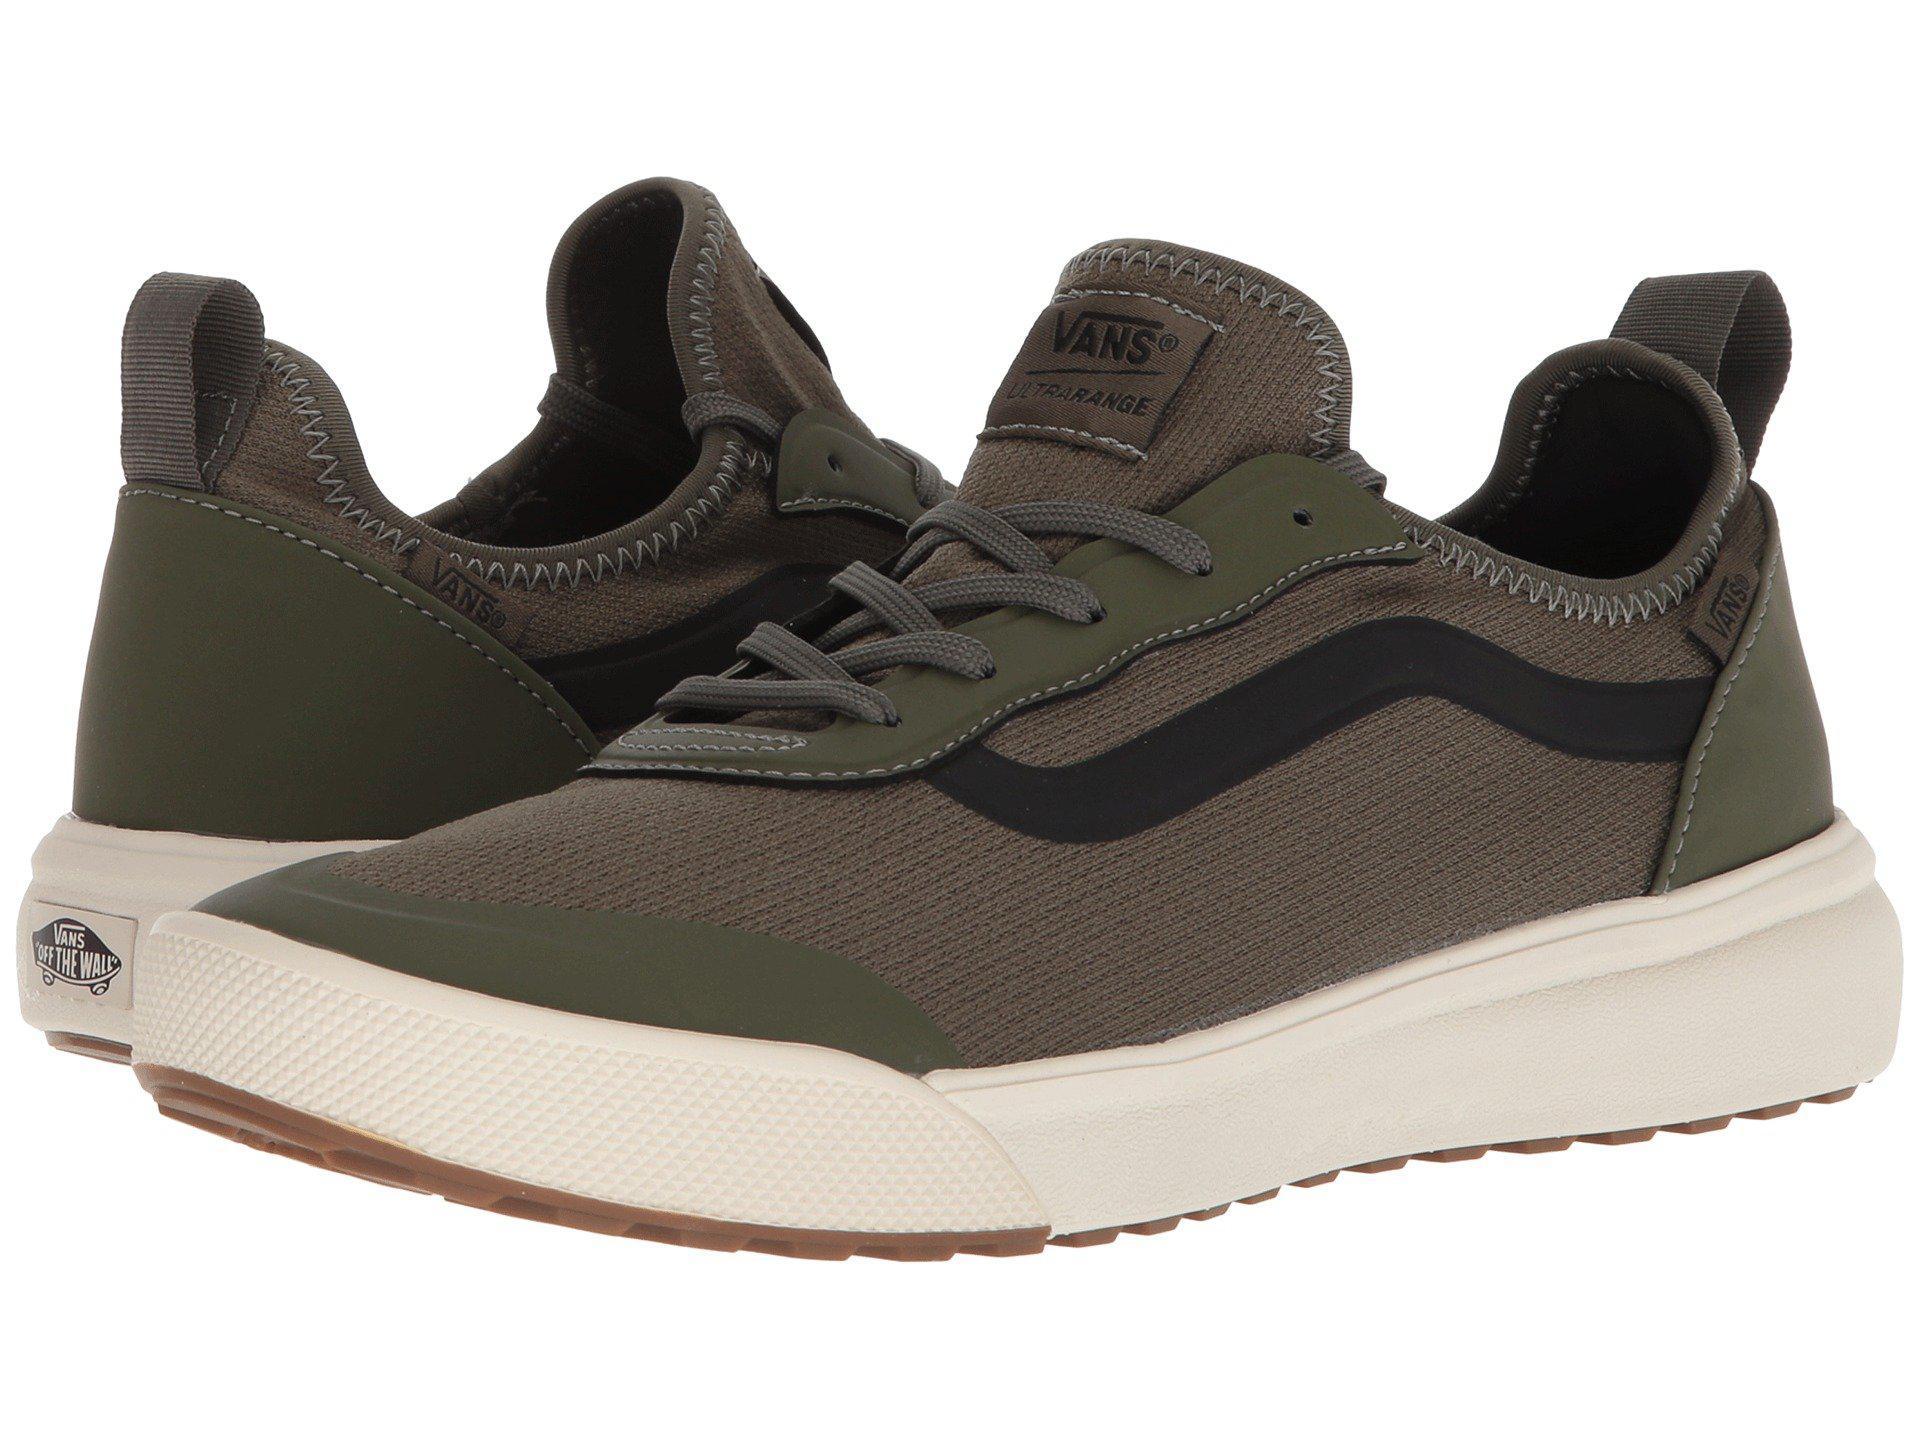 Outlet Rabatt ULTRARANGE - Sneaker low - grape leaf Spielraum Authentisch Ppaj5Pp3MY